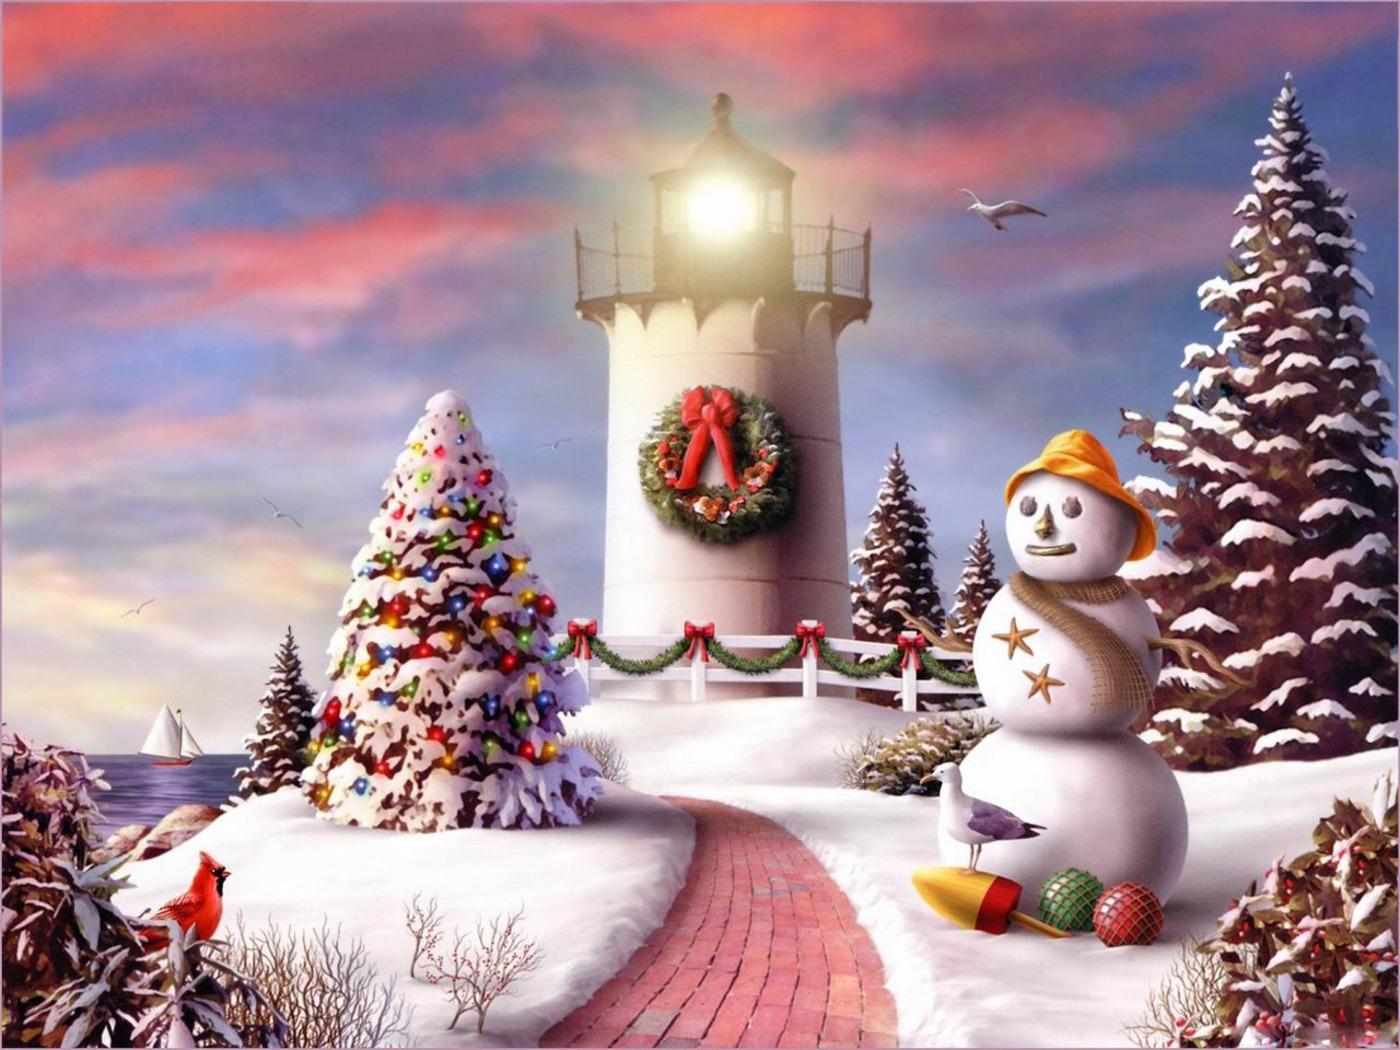 Download Desktop wallpaper 2010 Christmas Wallpapers 1400x1050